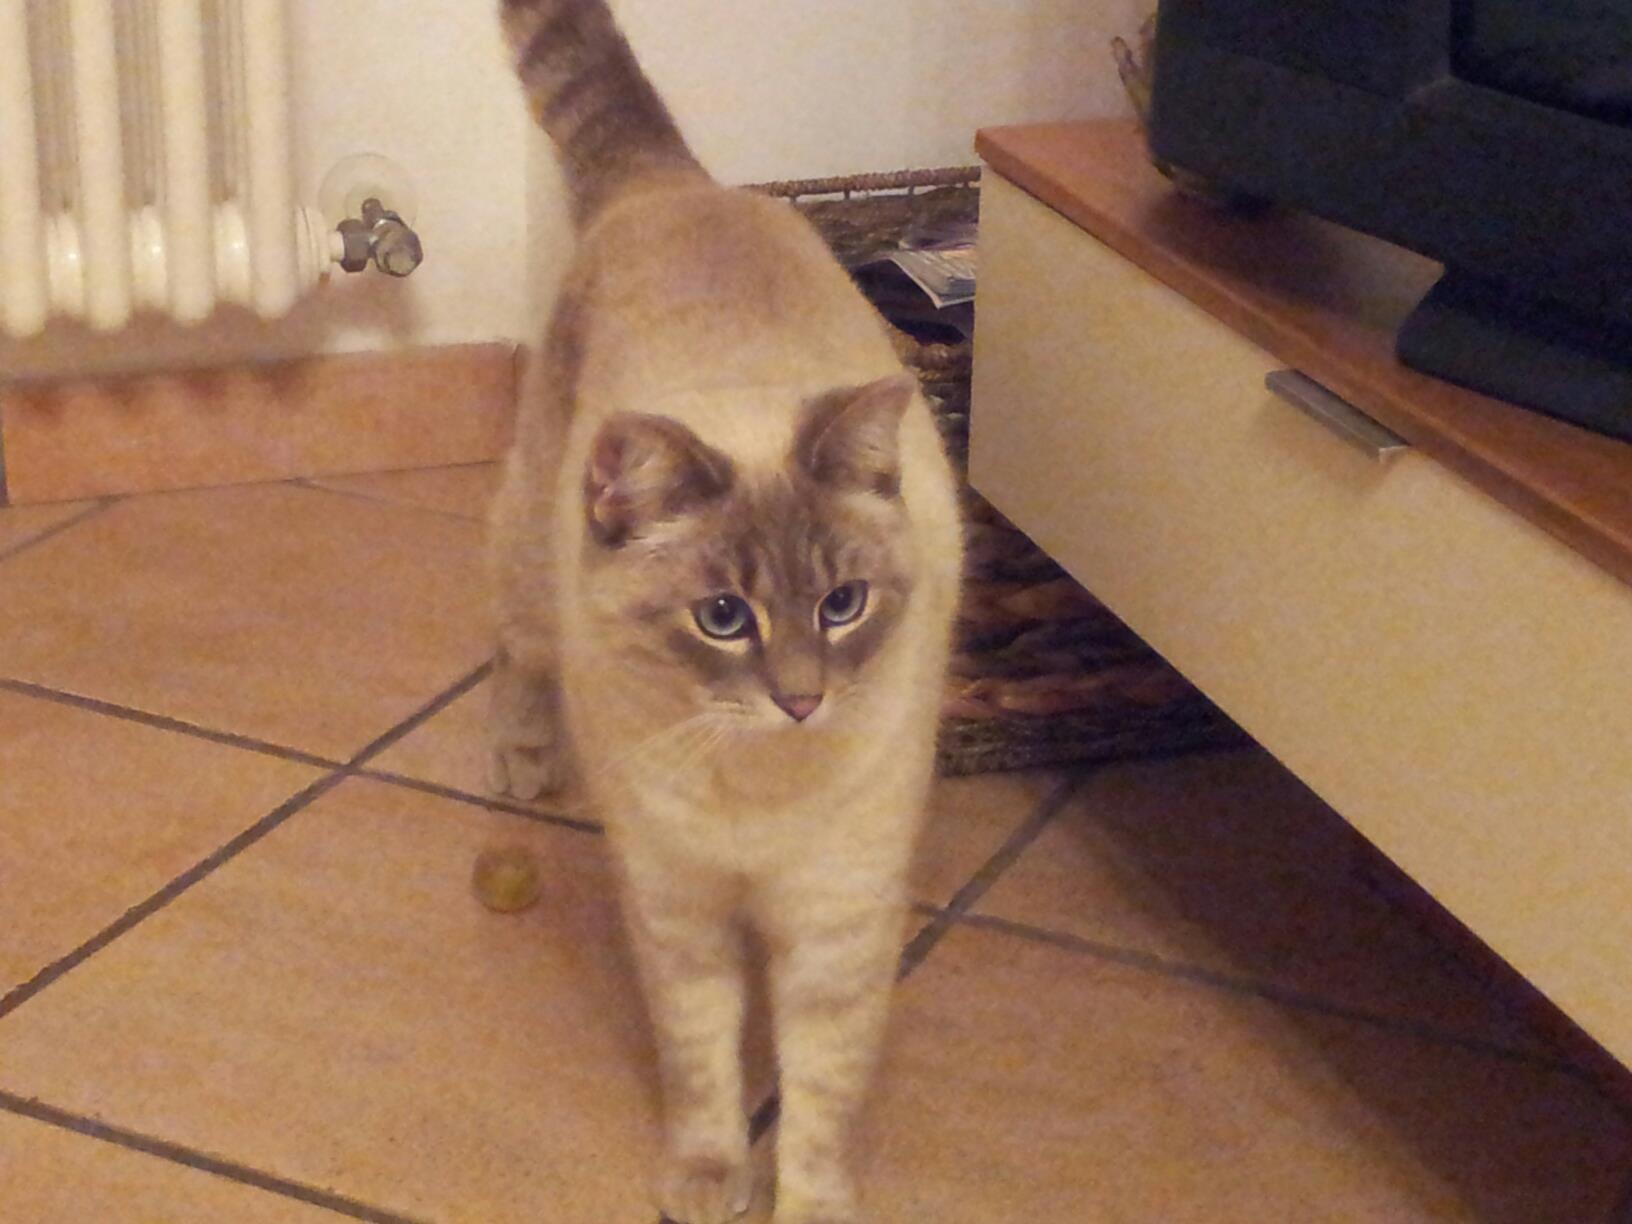 Storia di Theo, il gatto che mi ha insegnato l'amore per gli animali…. Racconto di Marco B.